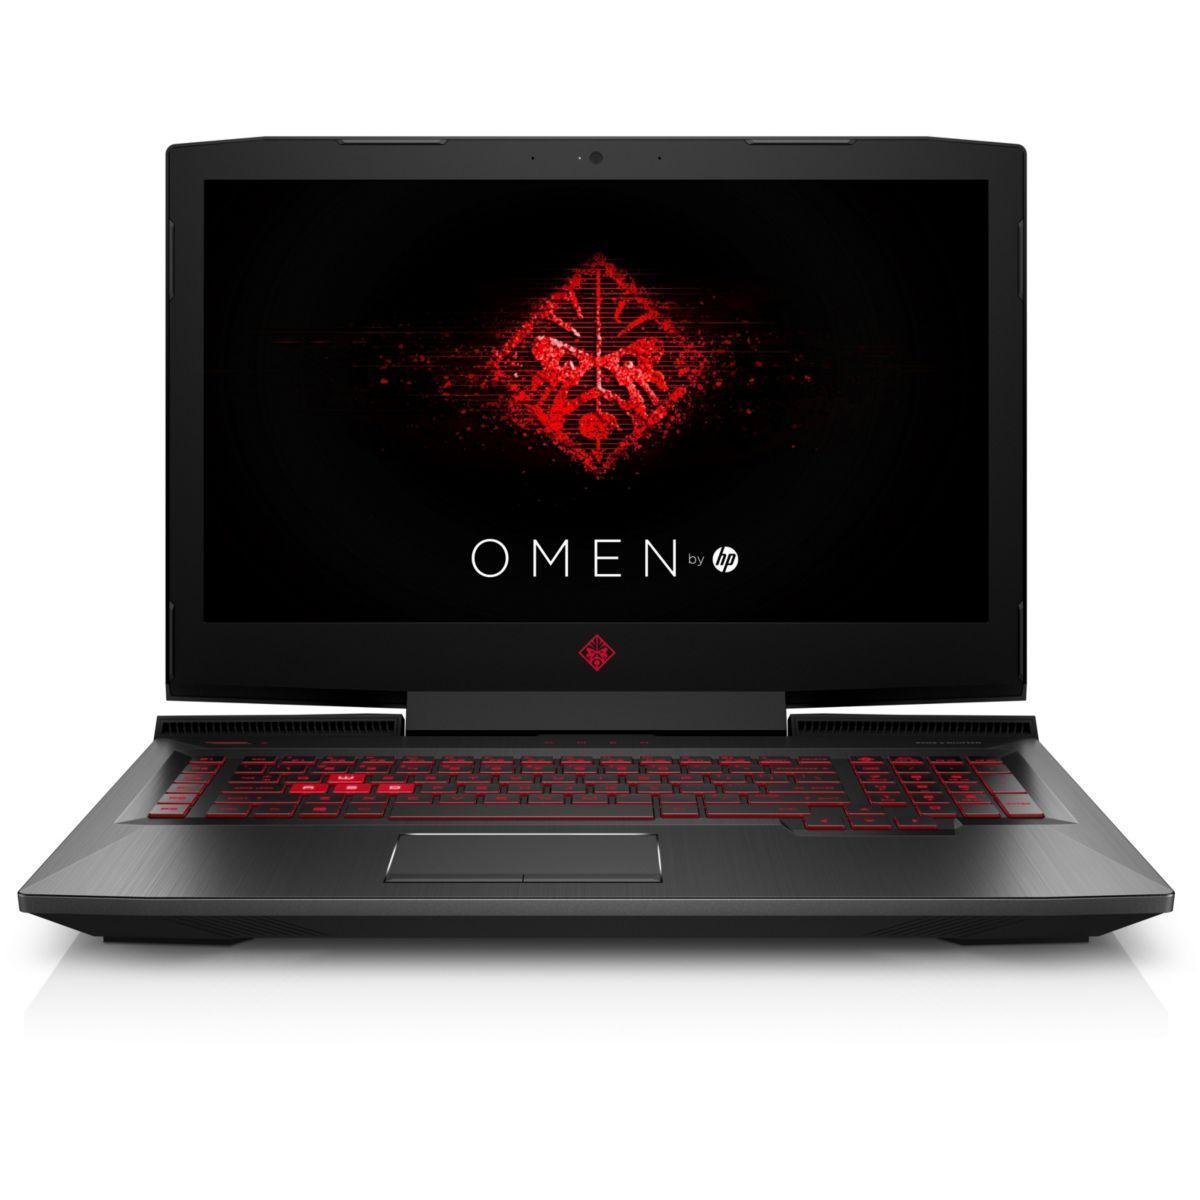 Pc gamer hp omen 17-an106nf - livraison offerte : code premium